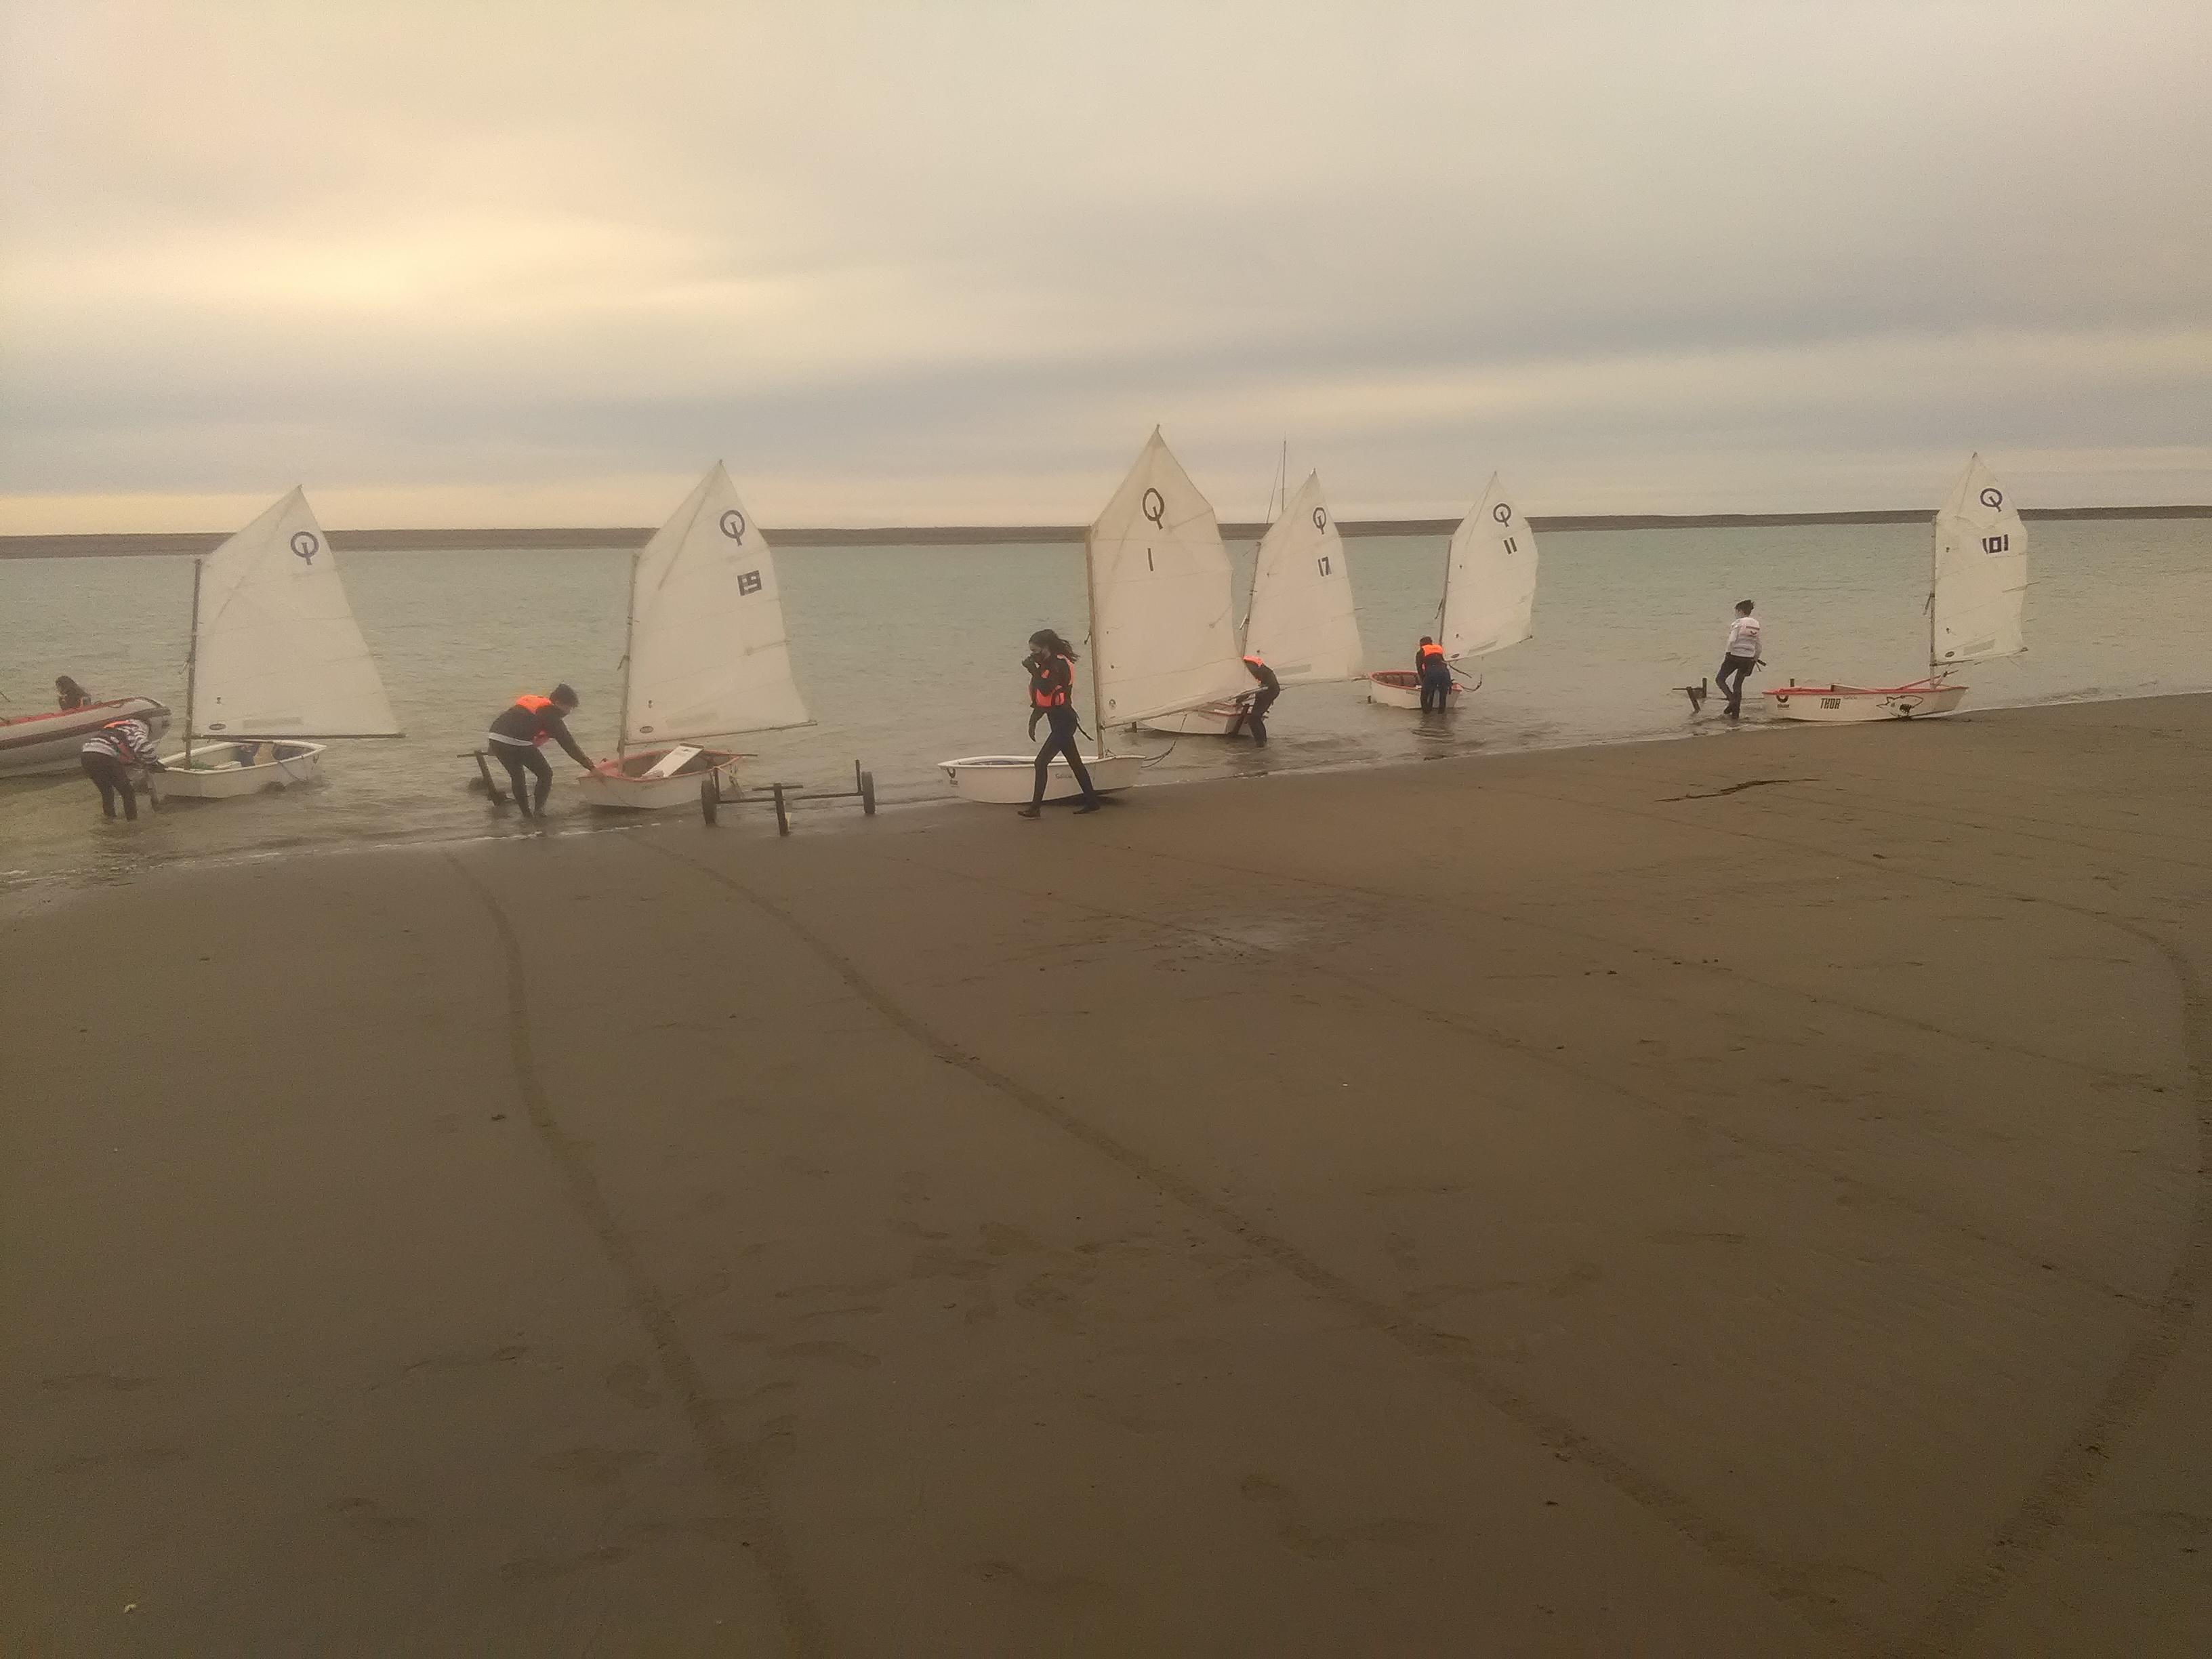 El equipo de vela vuelve a entrenar_5